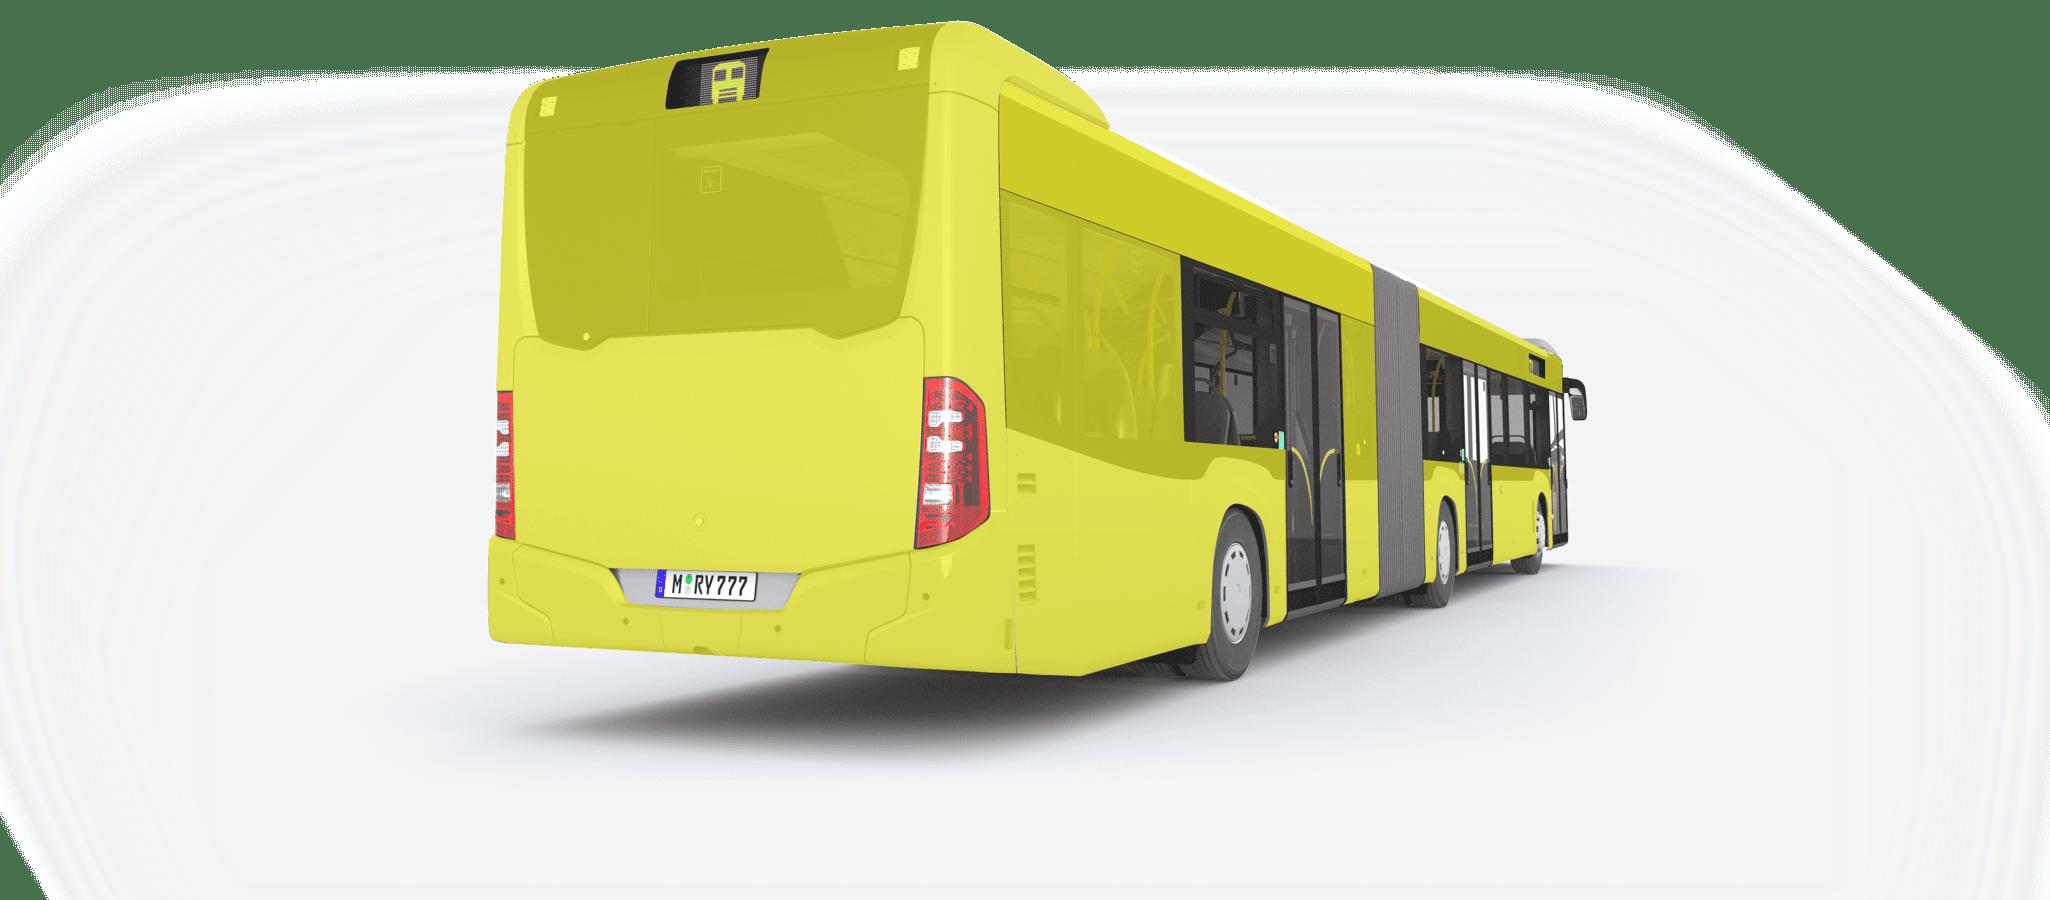 03_KWS-Buswerbung-Ganzgestaltung-Plus